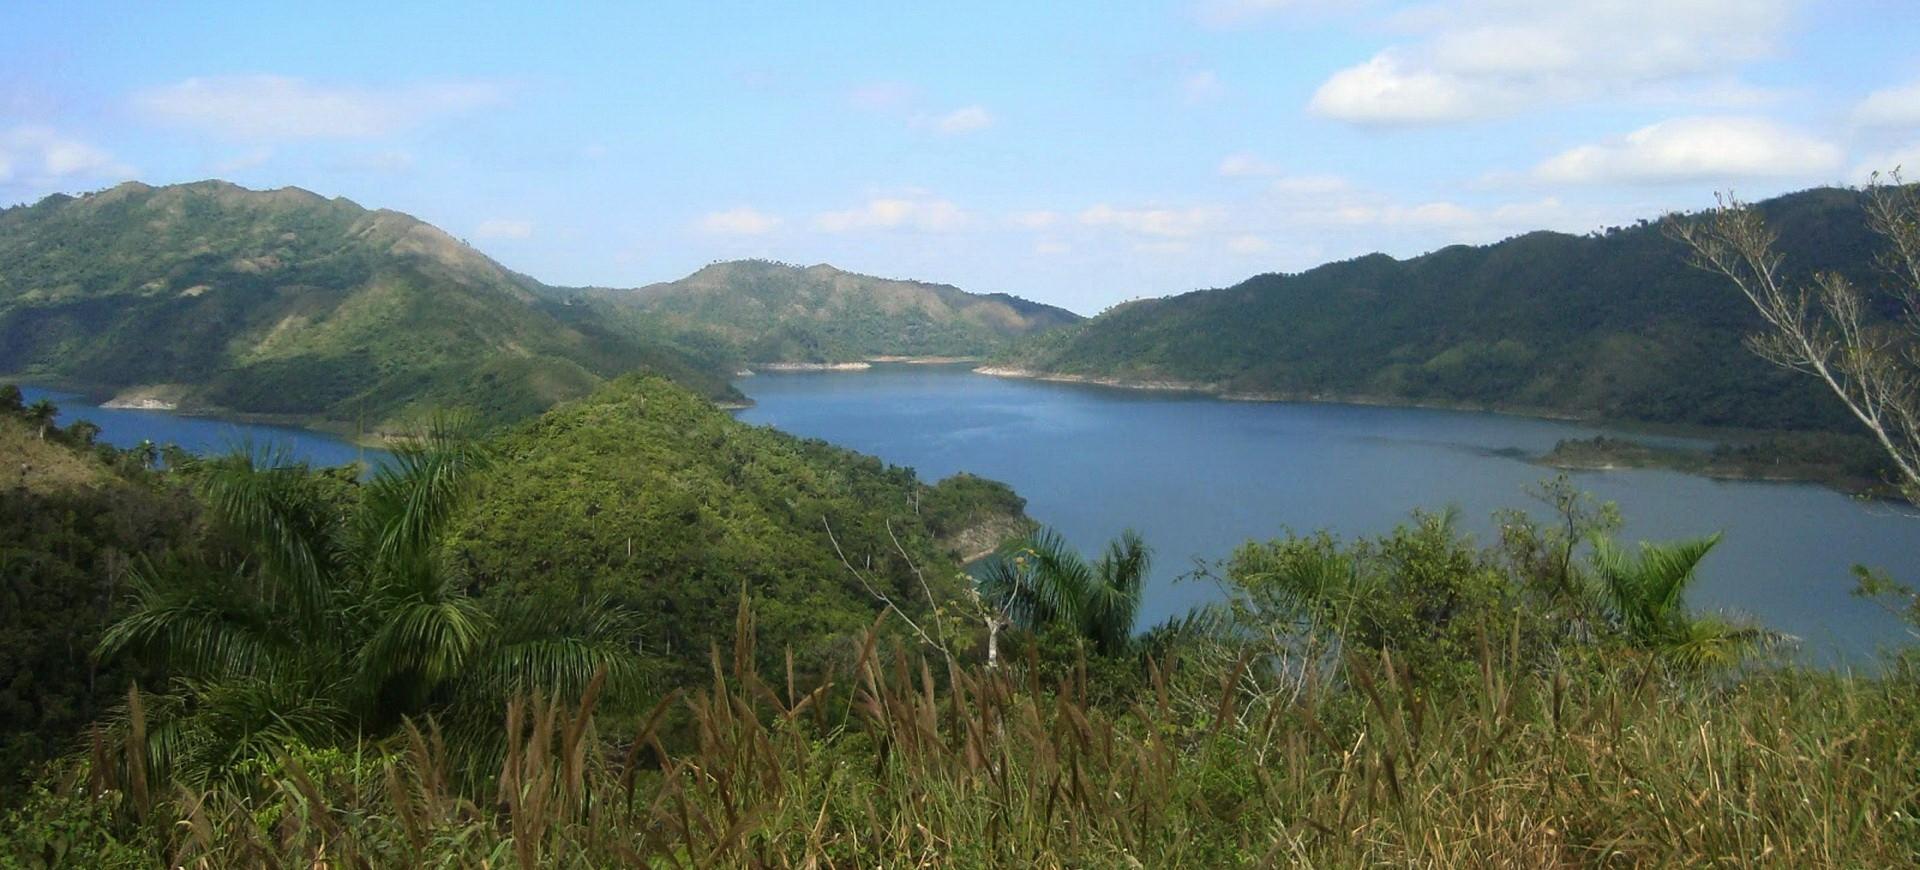 Cuba Hanabanilla lac